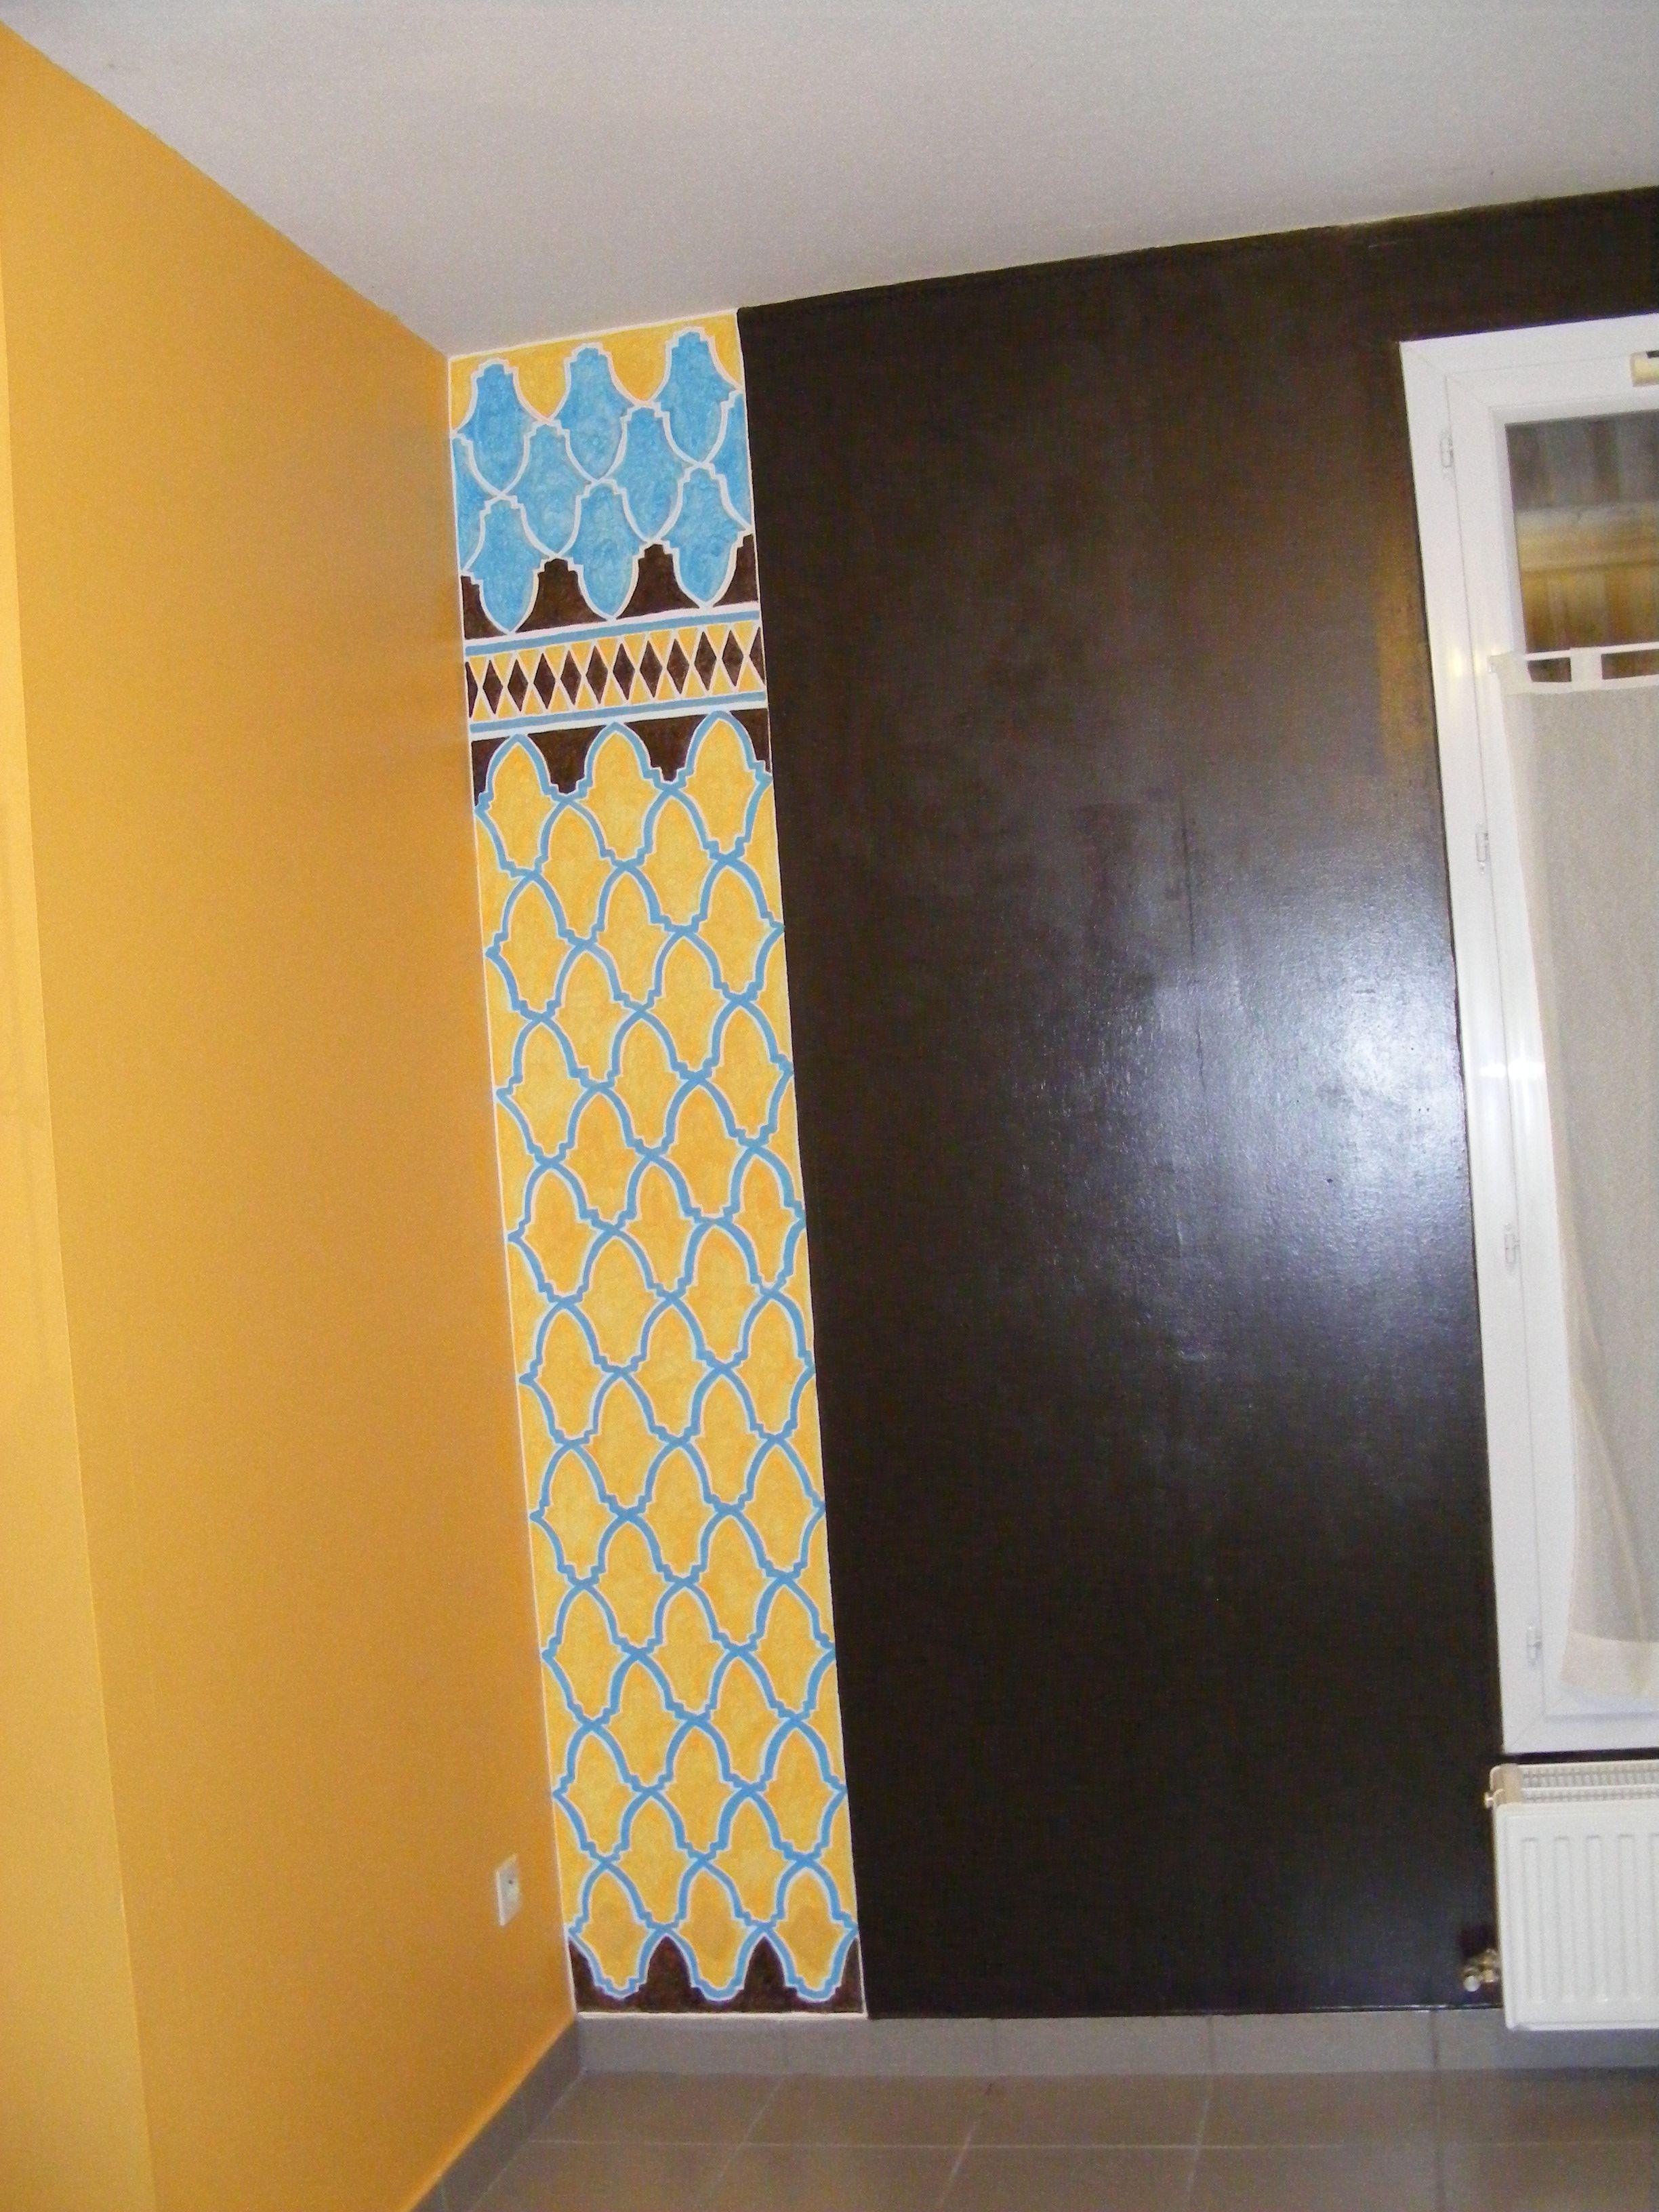 Peinture sur un mur int rieur for Dessin sur mur interieur